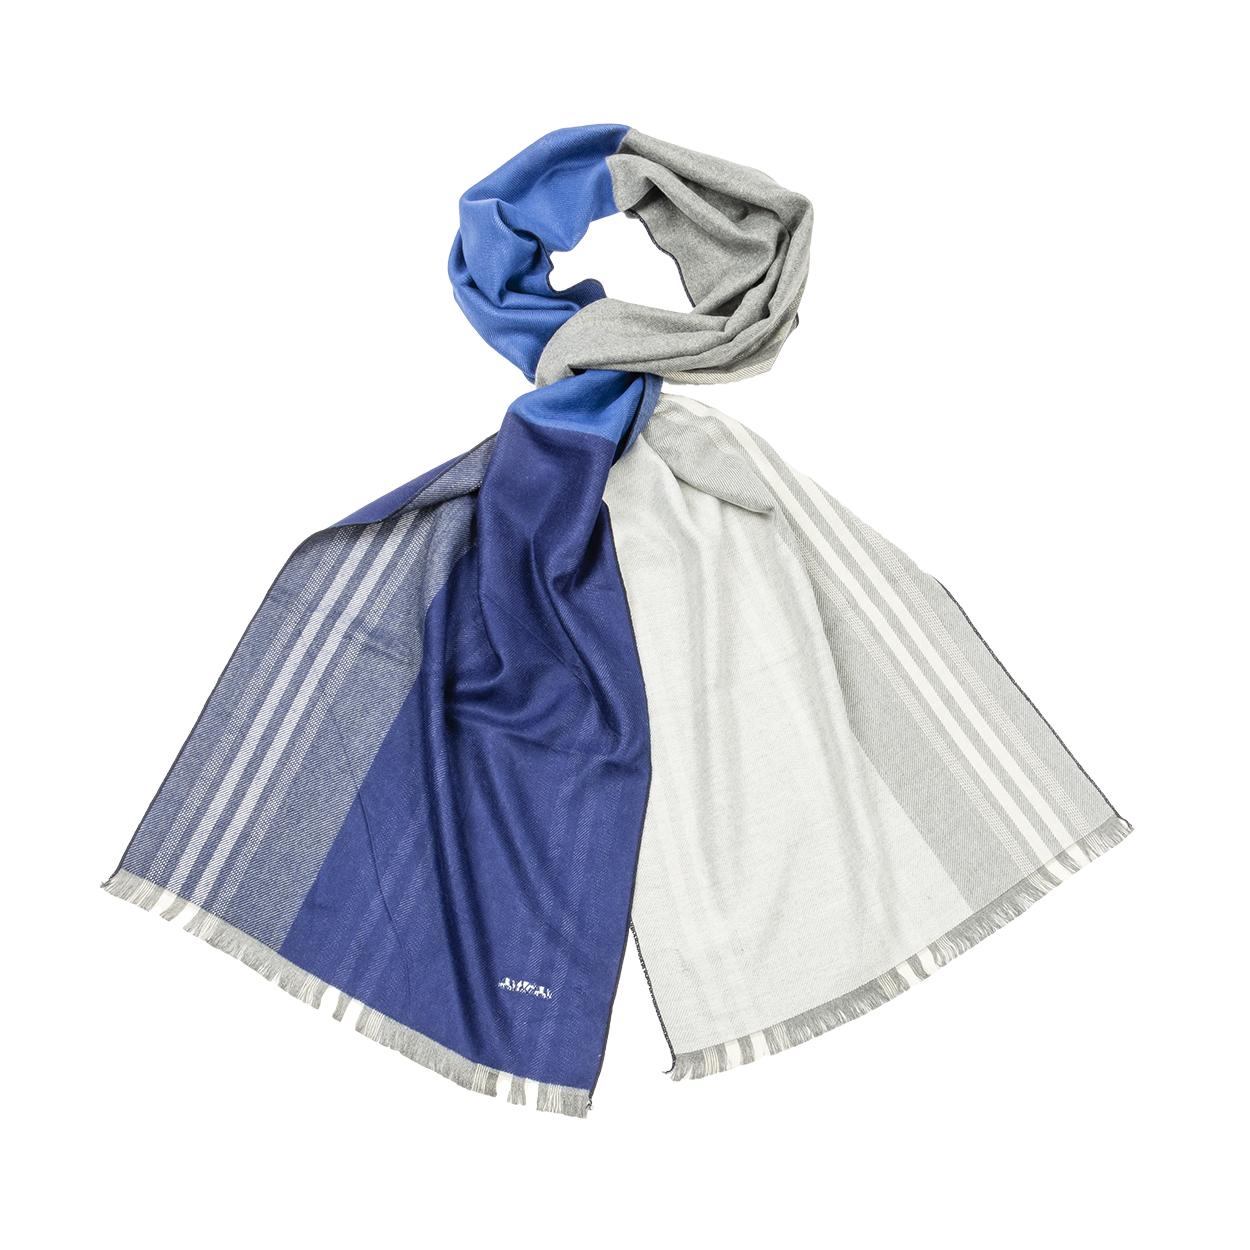 Echarpe  bleue colorblock et rayures grises